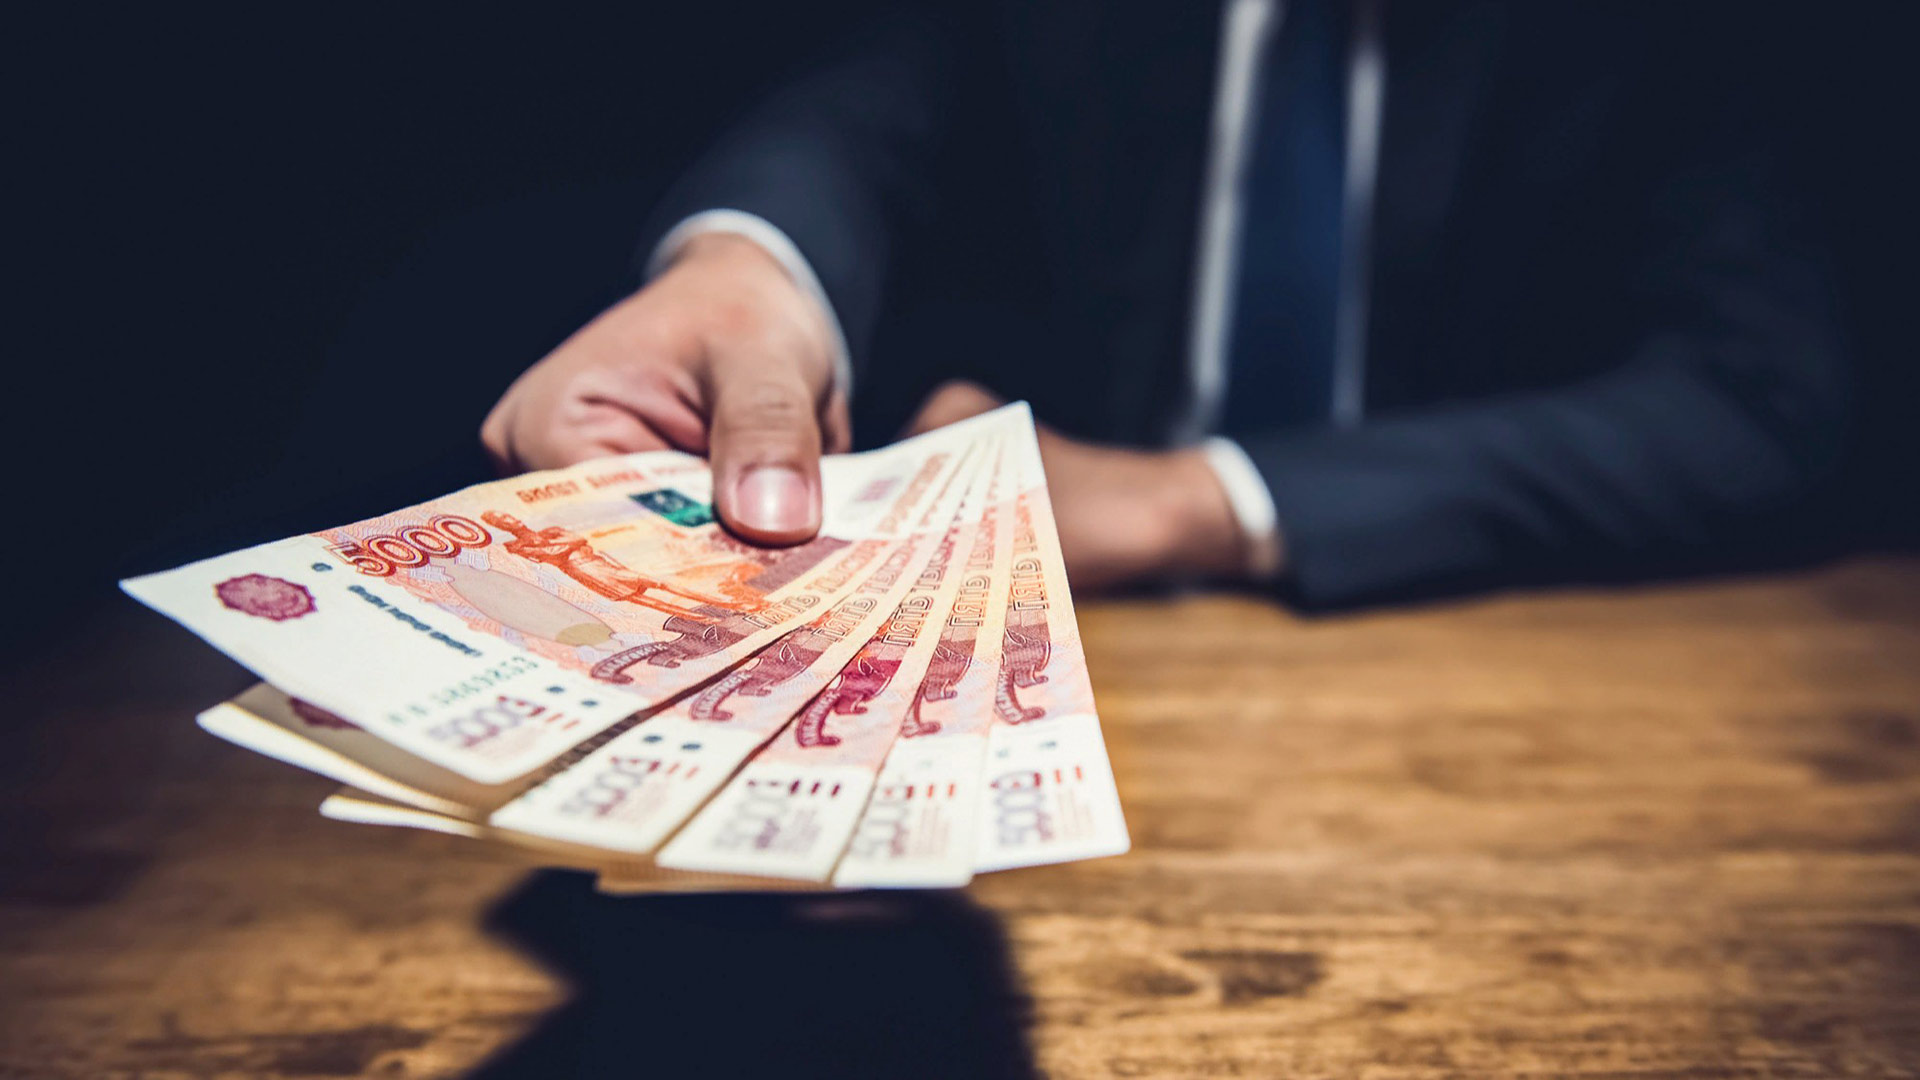 Уникальный онлайн-практикум на тему инвестиций с Александром Воронковым